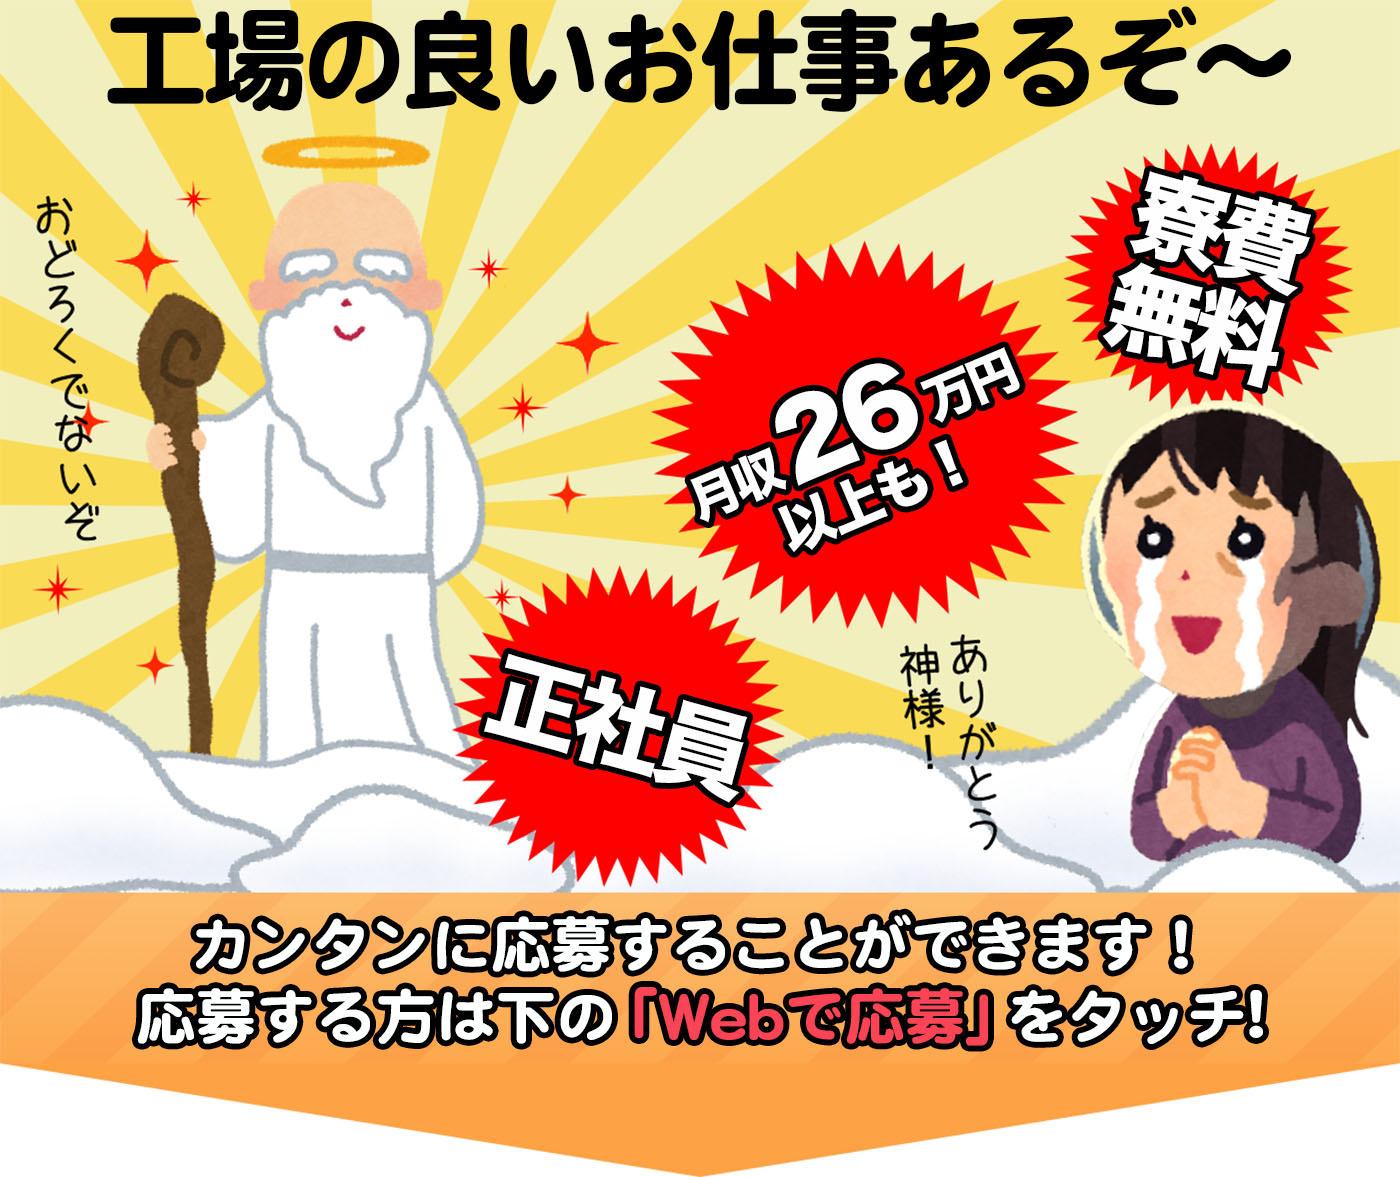 正社員雇用で安定〇残業少なめ!寮費無料キャンペーン☆月収例26.9万円